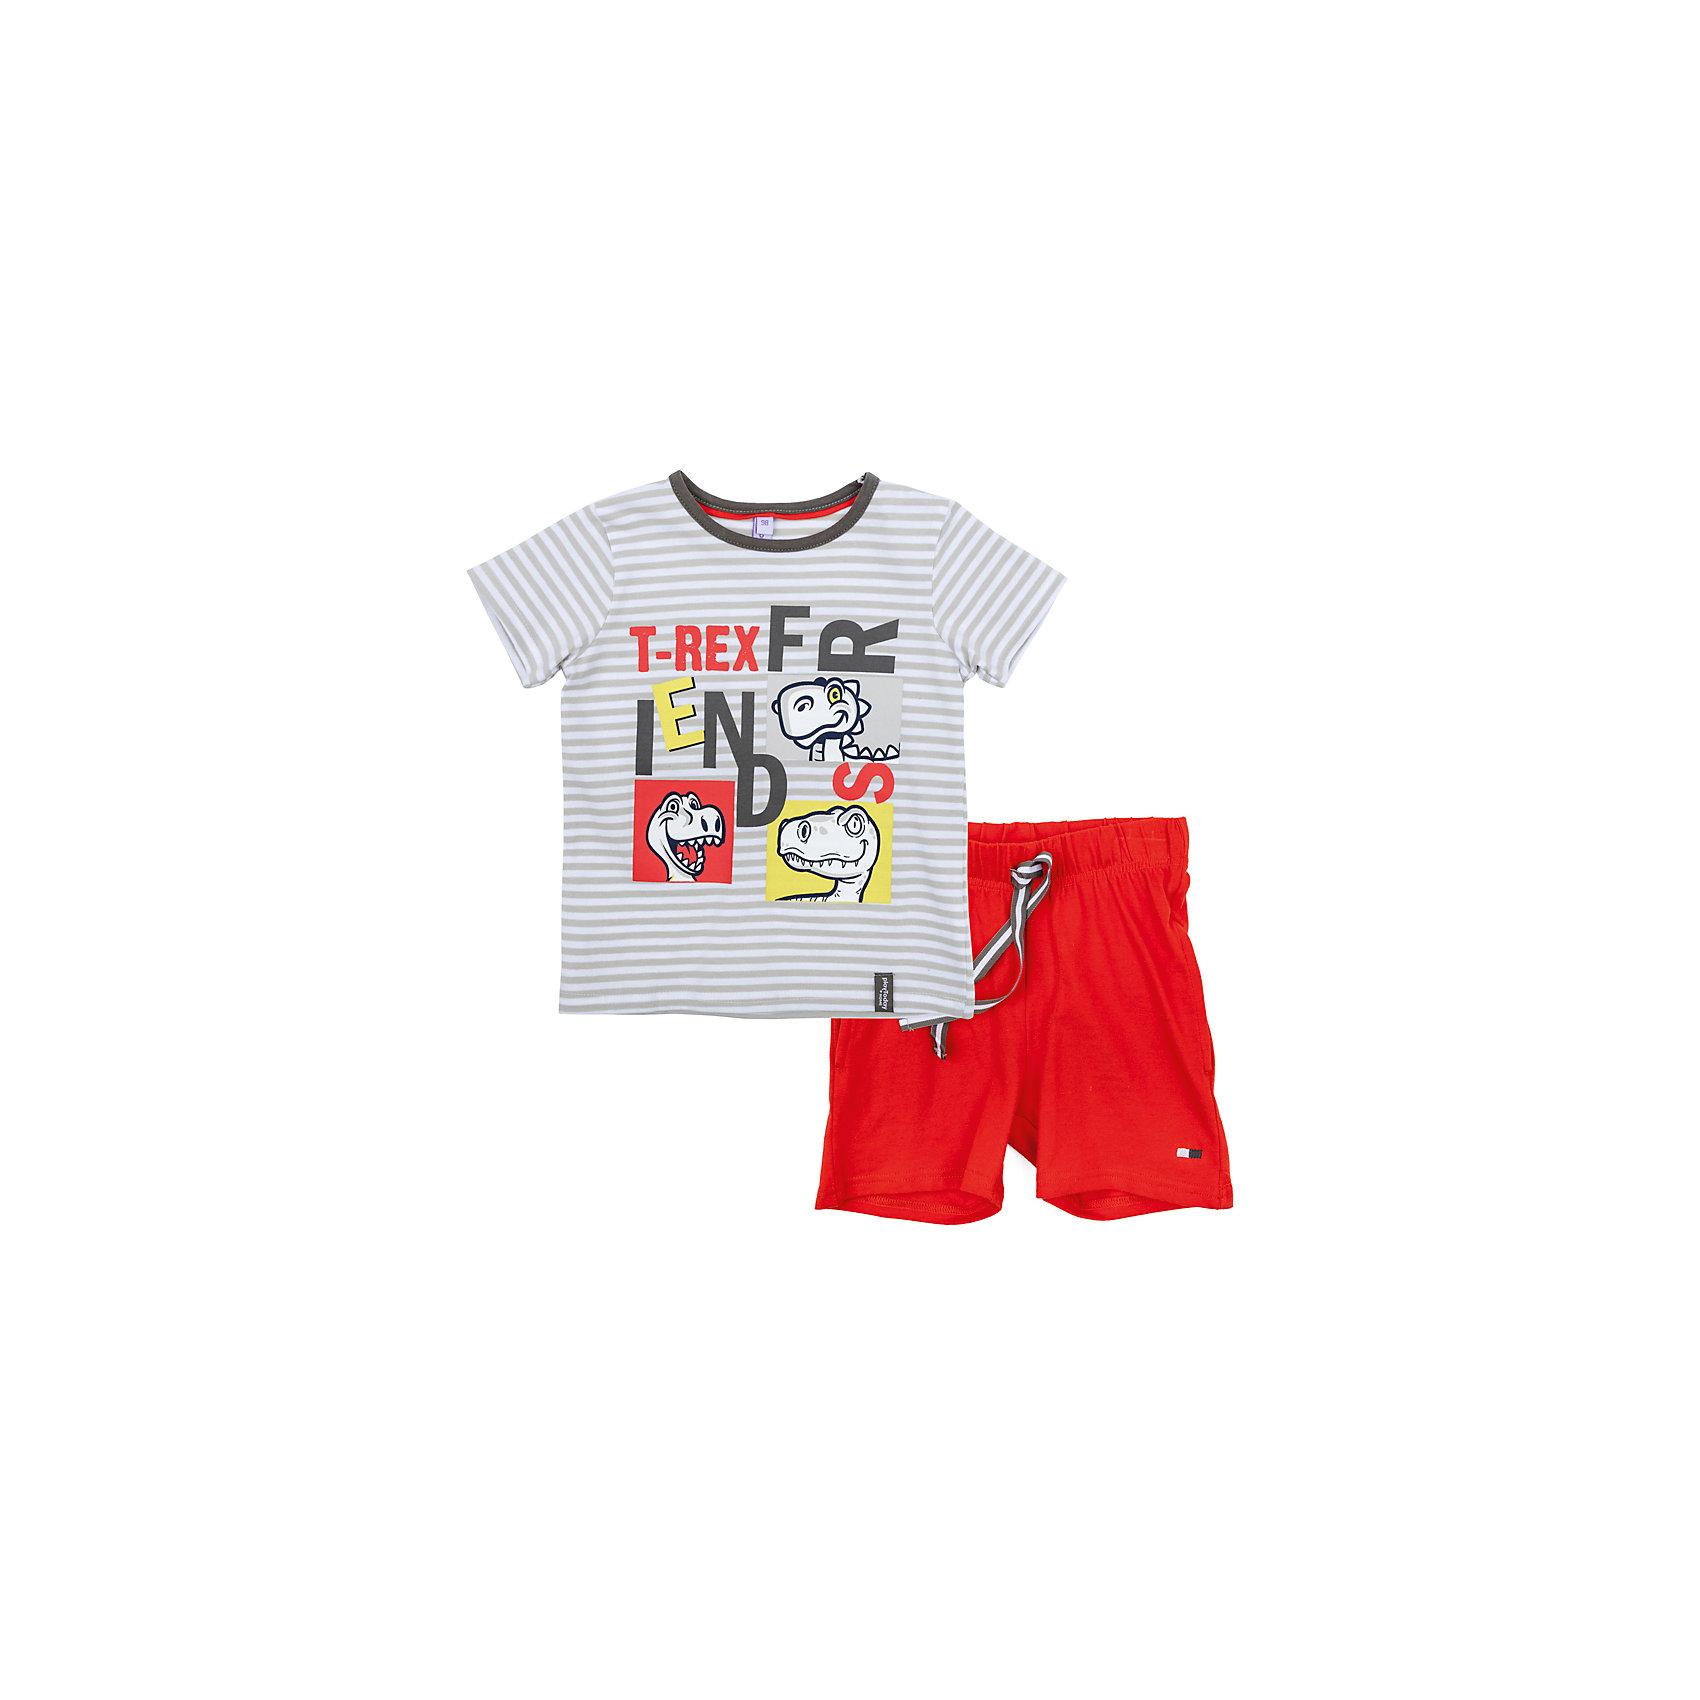 Комплект для мальчика PlayTodayКомплекты<br>Комплект для мальчика PlayToday<br>Комплект из майки и шорт прекрасно подойдет для домашнего использования. Может быть и домашней одеждой, и уютной пижамой. Мягкий, приятный к телу, материал не сковывает движений. Шорты на мягкой удобной резинке, с регулируемым на поясе шнуром - кулиской. Яркий принт является достойным украшением данного изделия.Преимущества: Свободный классический крой не сковывает движения ребенкаМожет быть удобной домашней одеждой и уютной пижамой.Яркий стильный принт<br>Состав:<br>95% хлопок, 5% эластан<br><br>Ширина мм: 199<br>Глубина мм: 10<br>Высота мм: 161<br>Вес г: 151<br>Цвет: разноцветный<br>Возраст от месяцев: 60<br>Возраст до месяцев: 72<br>Пол: Мужской<br>Возраст: Детский<br>Размер: 116,122,128,98,104,110<br>SKU: 5404777